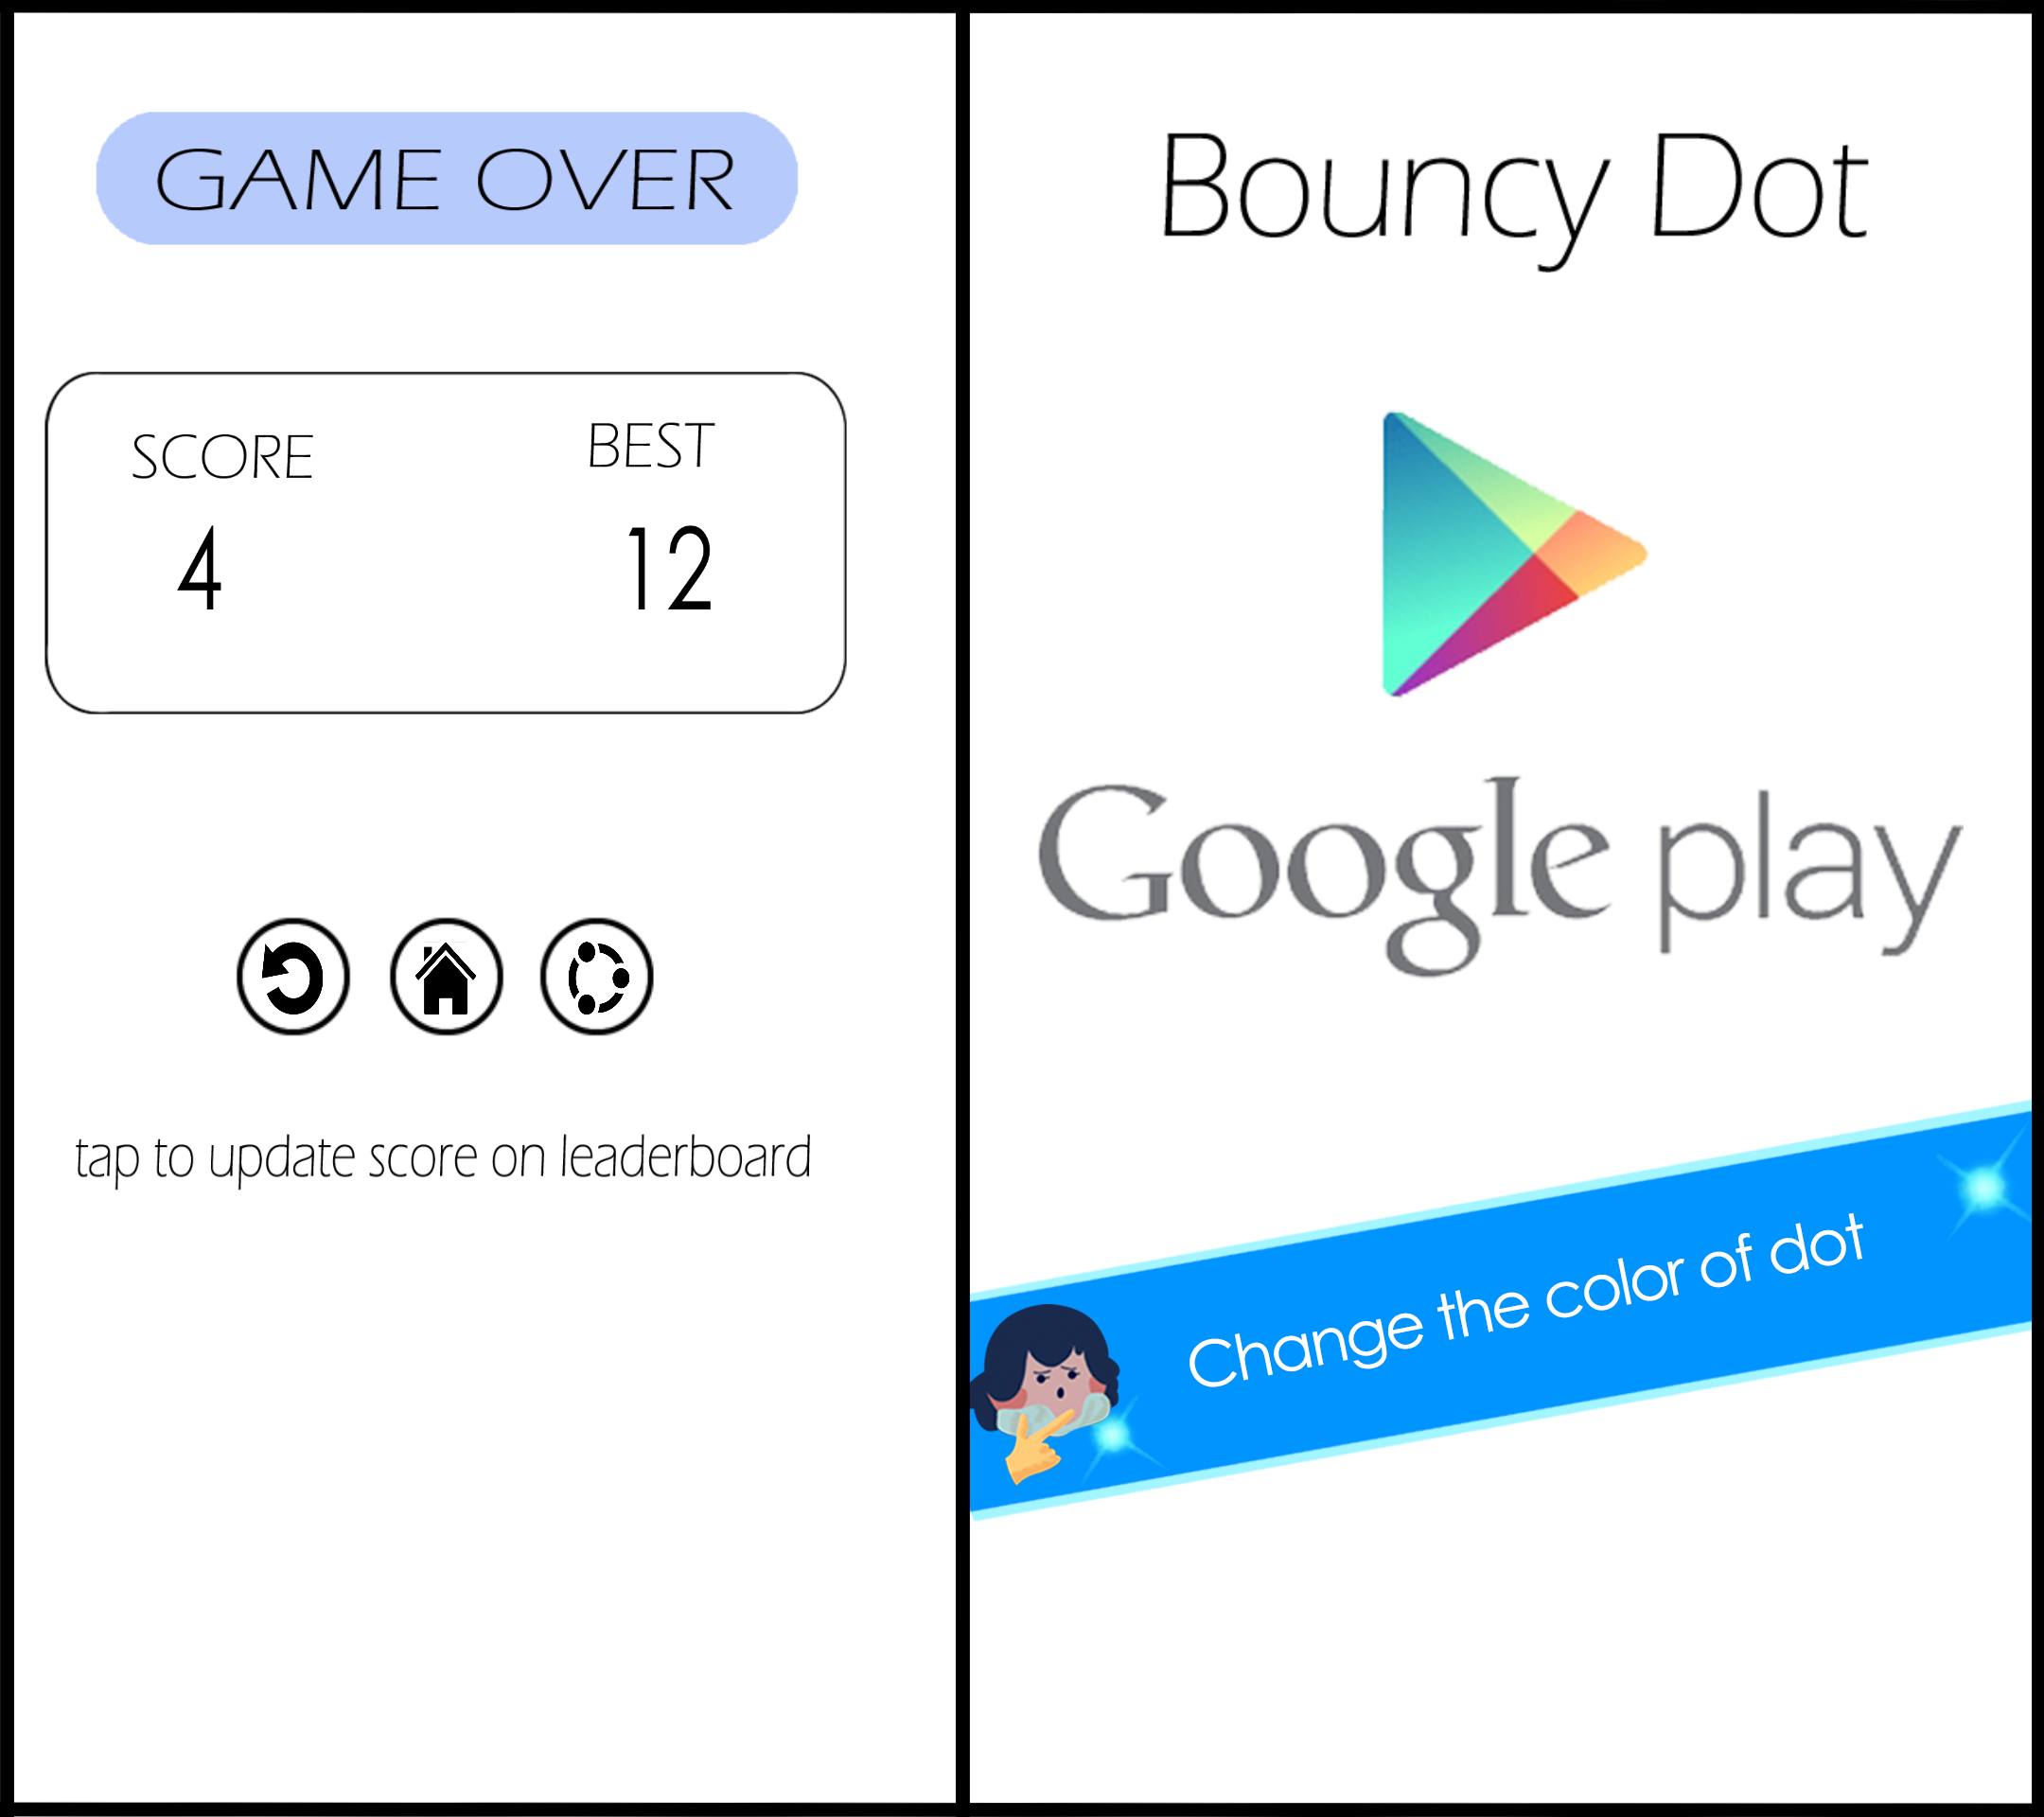 Bouncy dot